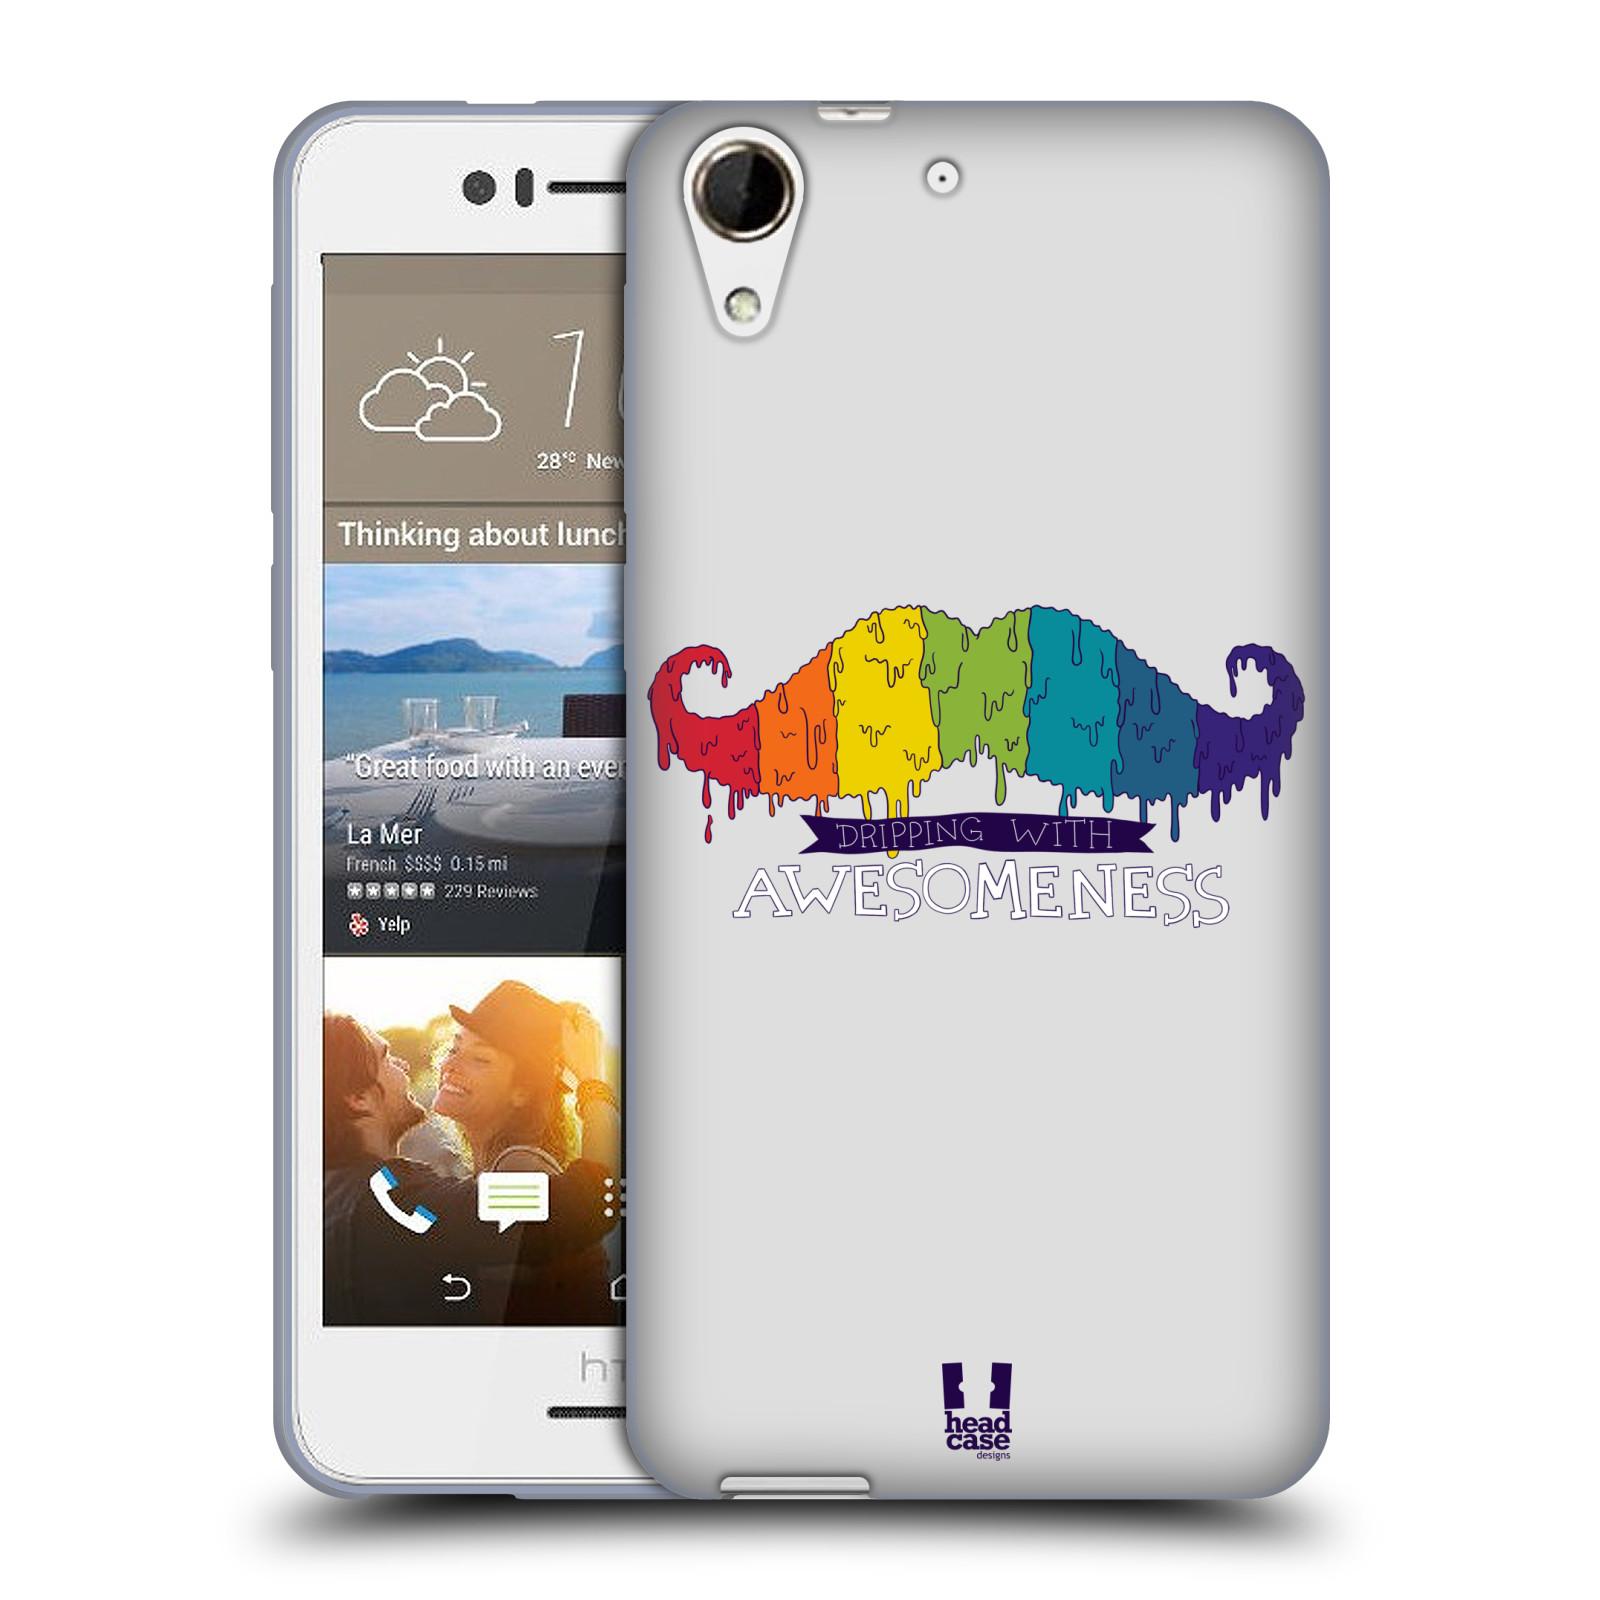 Silikonové pouzdro na mobil HTC Desire 728G Dual SIM HEAD CASE KNÍR AWESOMENESS DUHOVÝ (Silikonový kryt či obal na mobilní telefon HTC Desire 728 G Dual SIM)